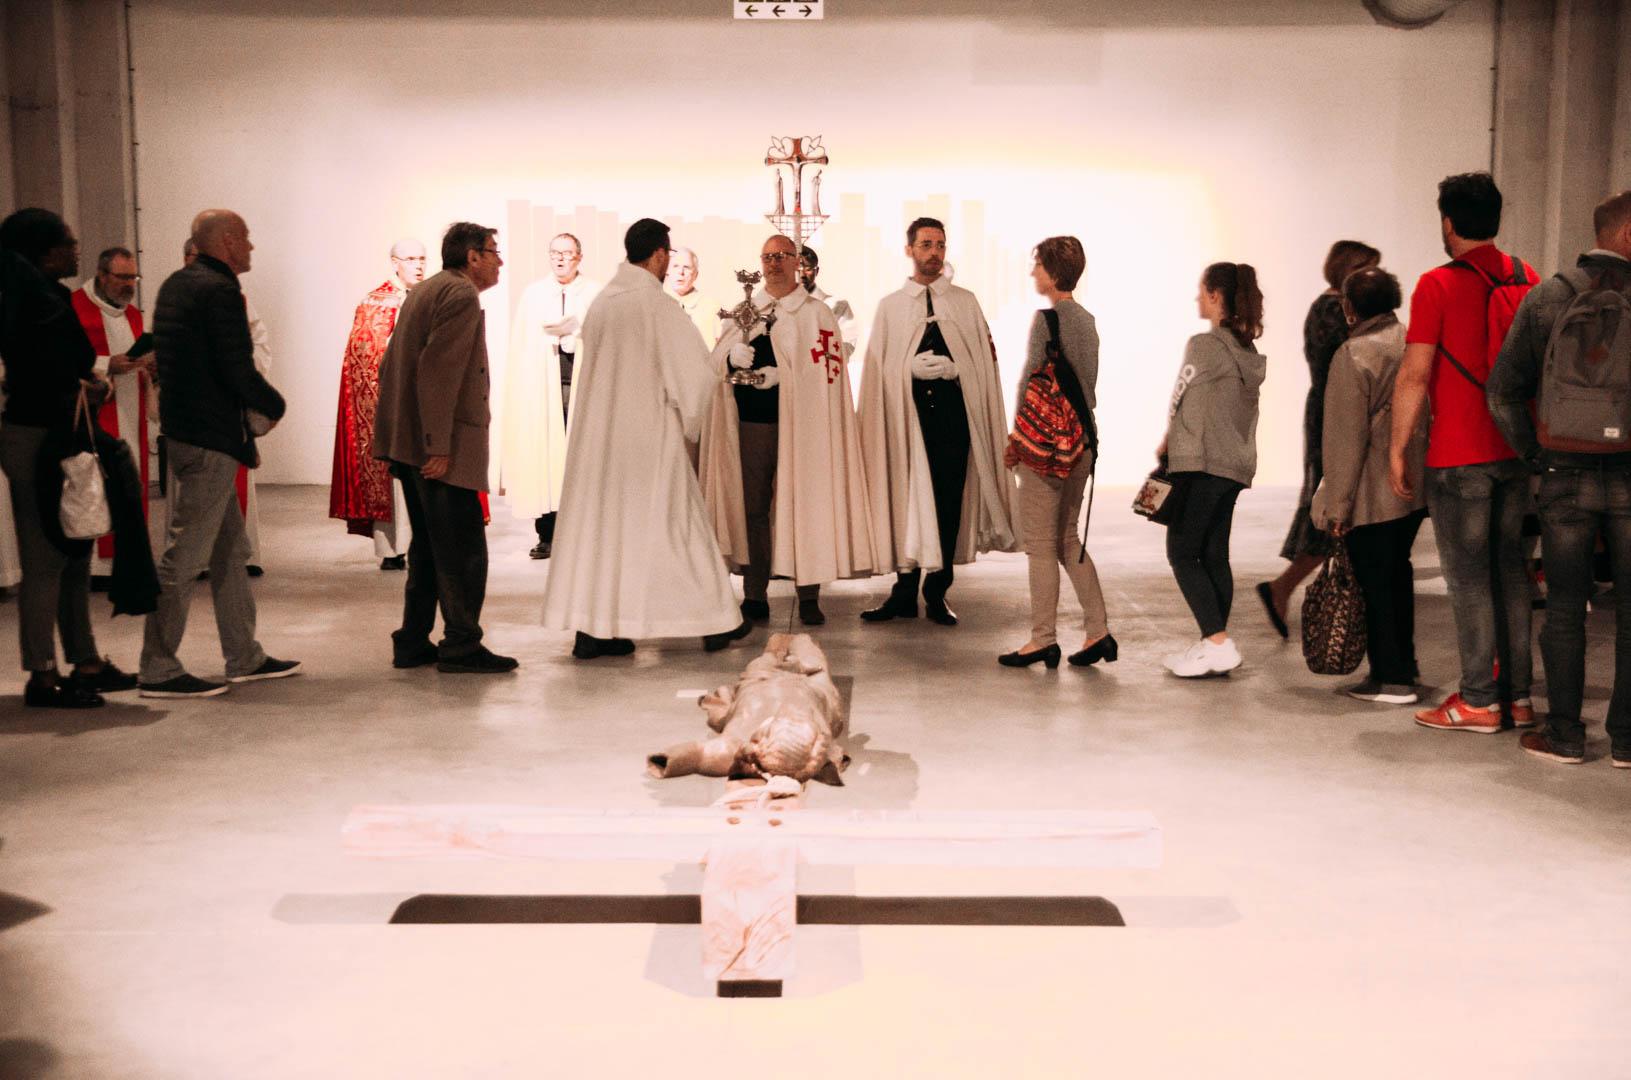 CHEMIN CROIX CENTRE 19 centre art sacré de lille cathédrale notre dame de la treille-39